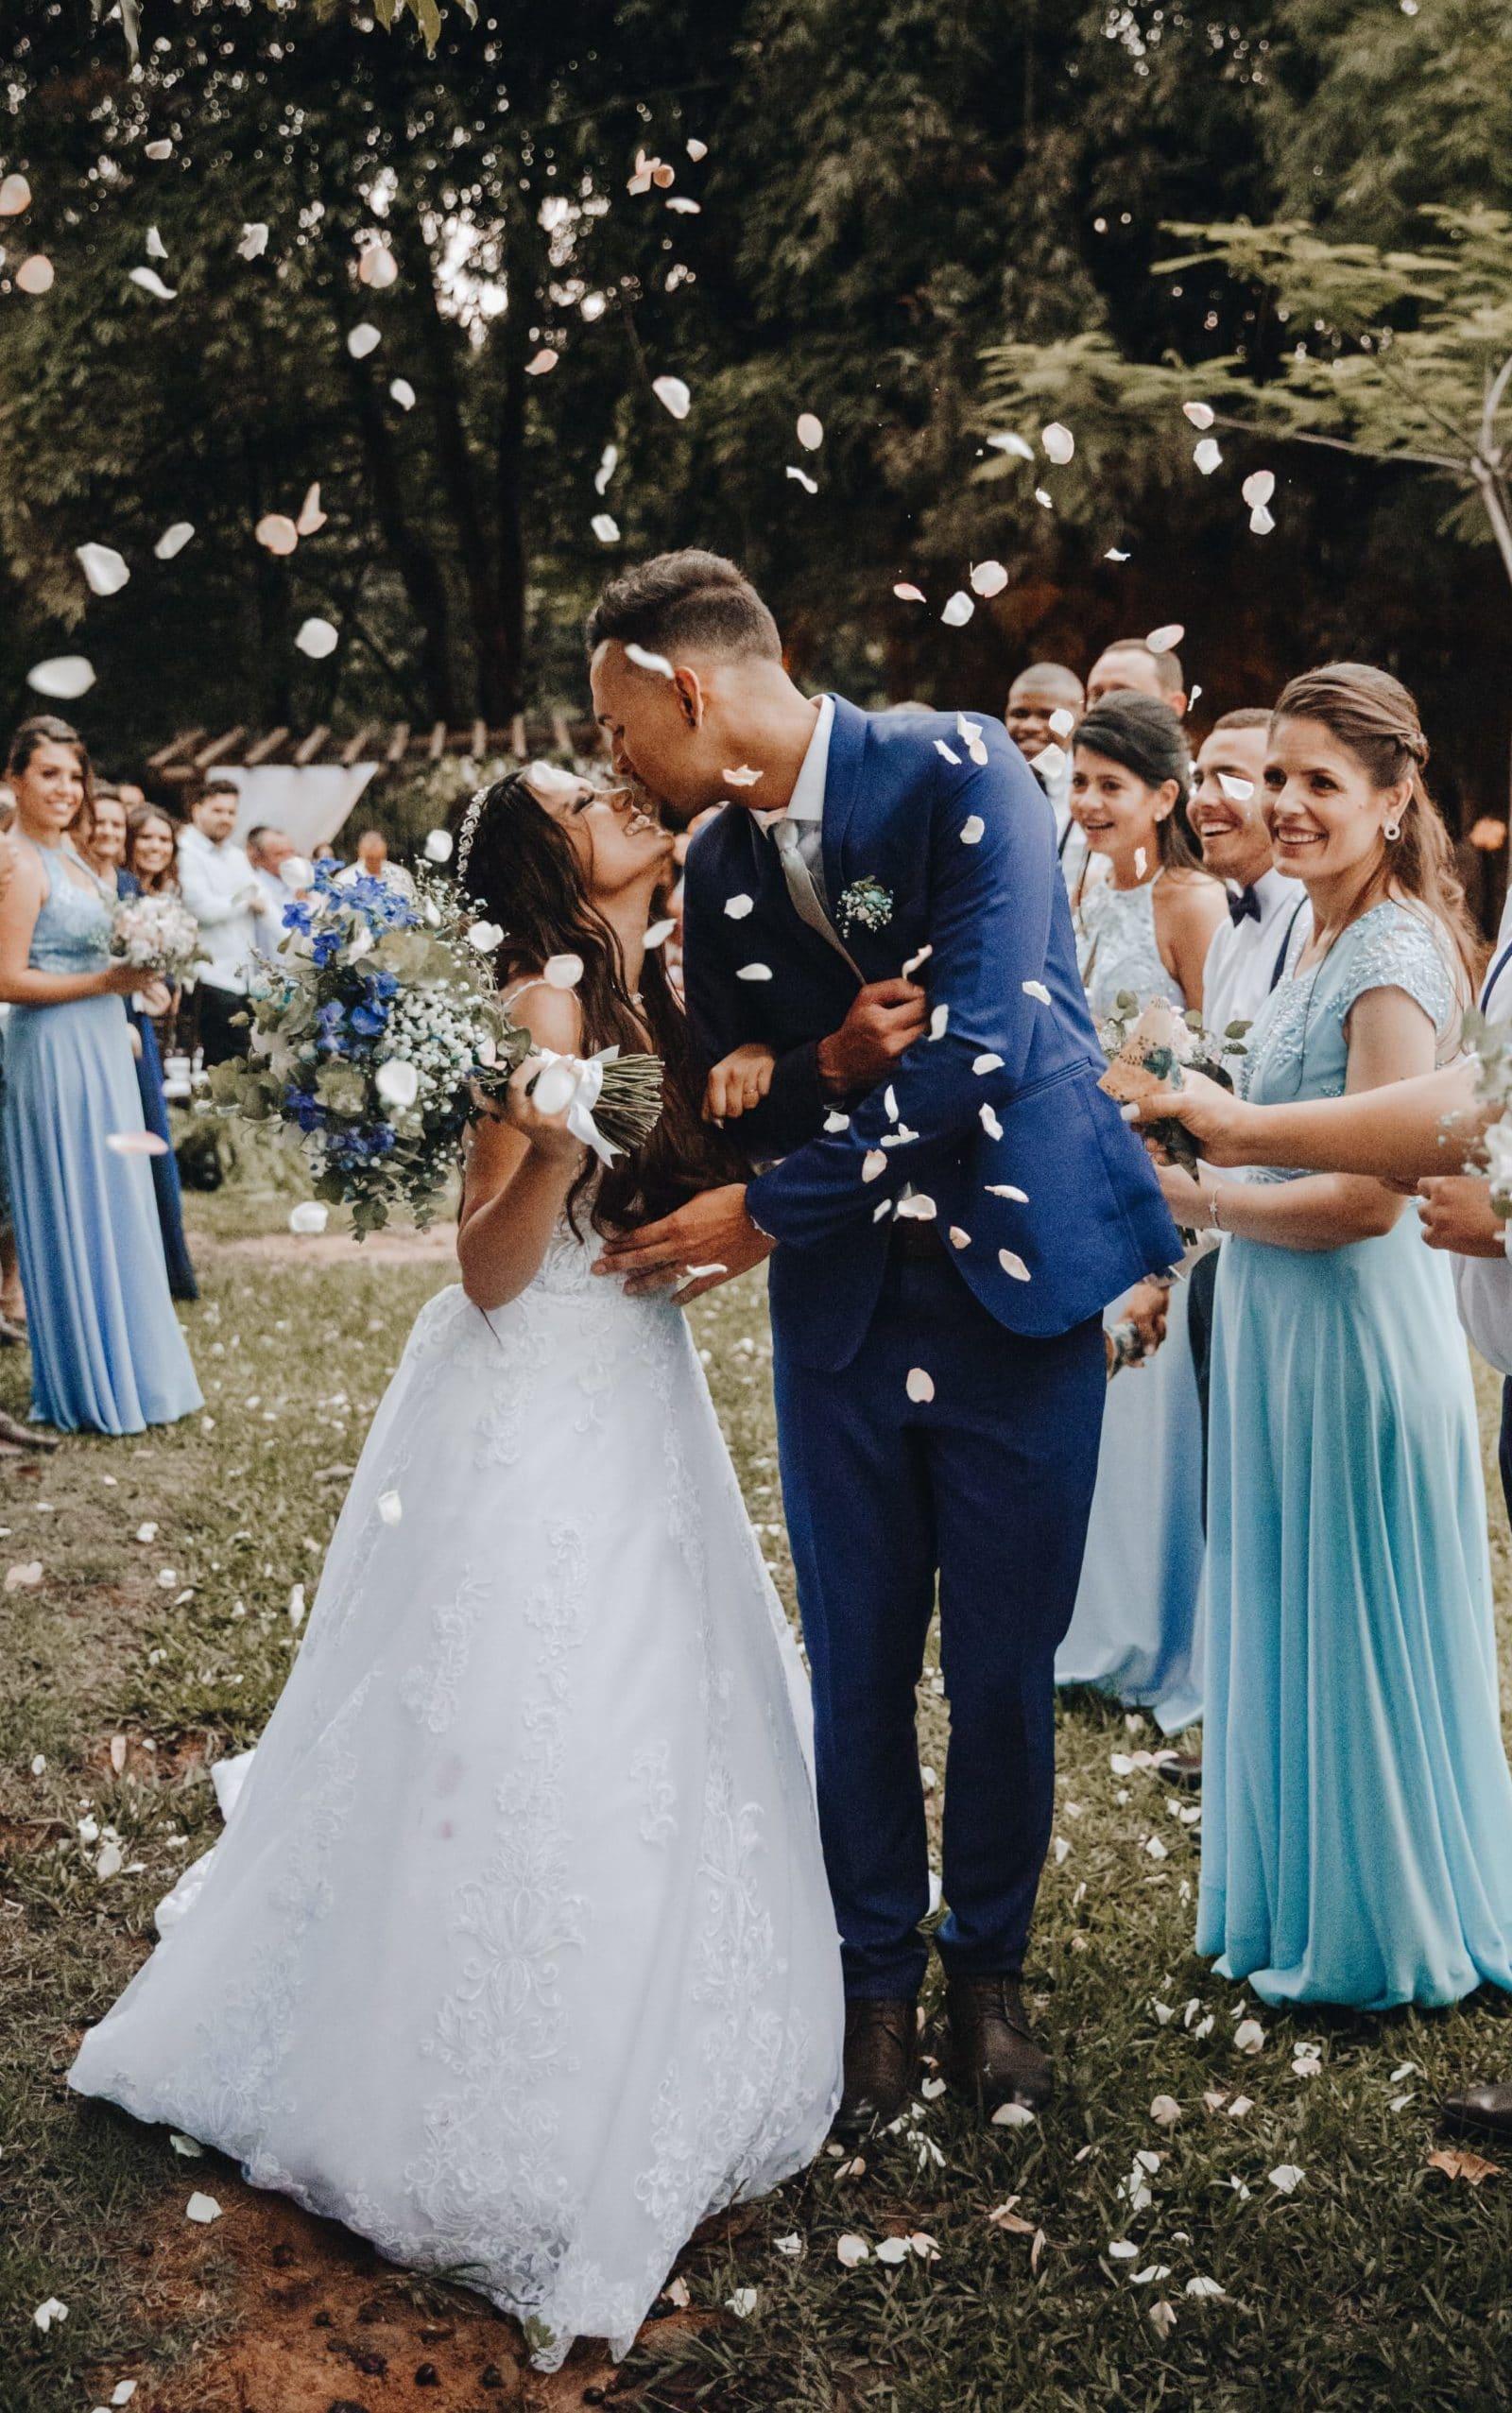 Sortie de cérémonie et lancer de pétales de fleurs sur le couple de mariés.